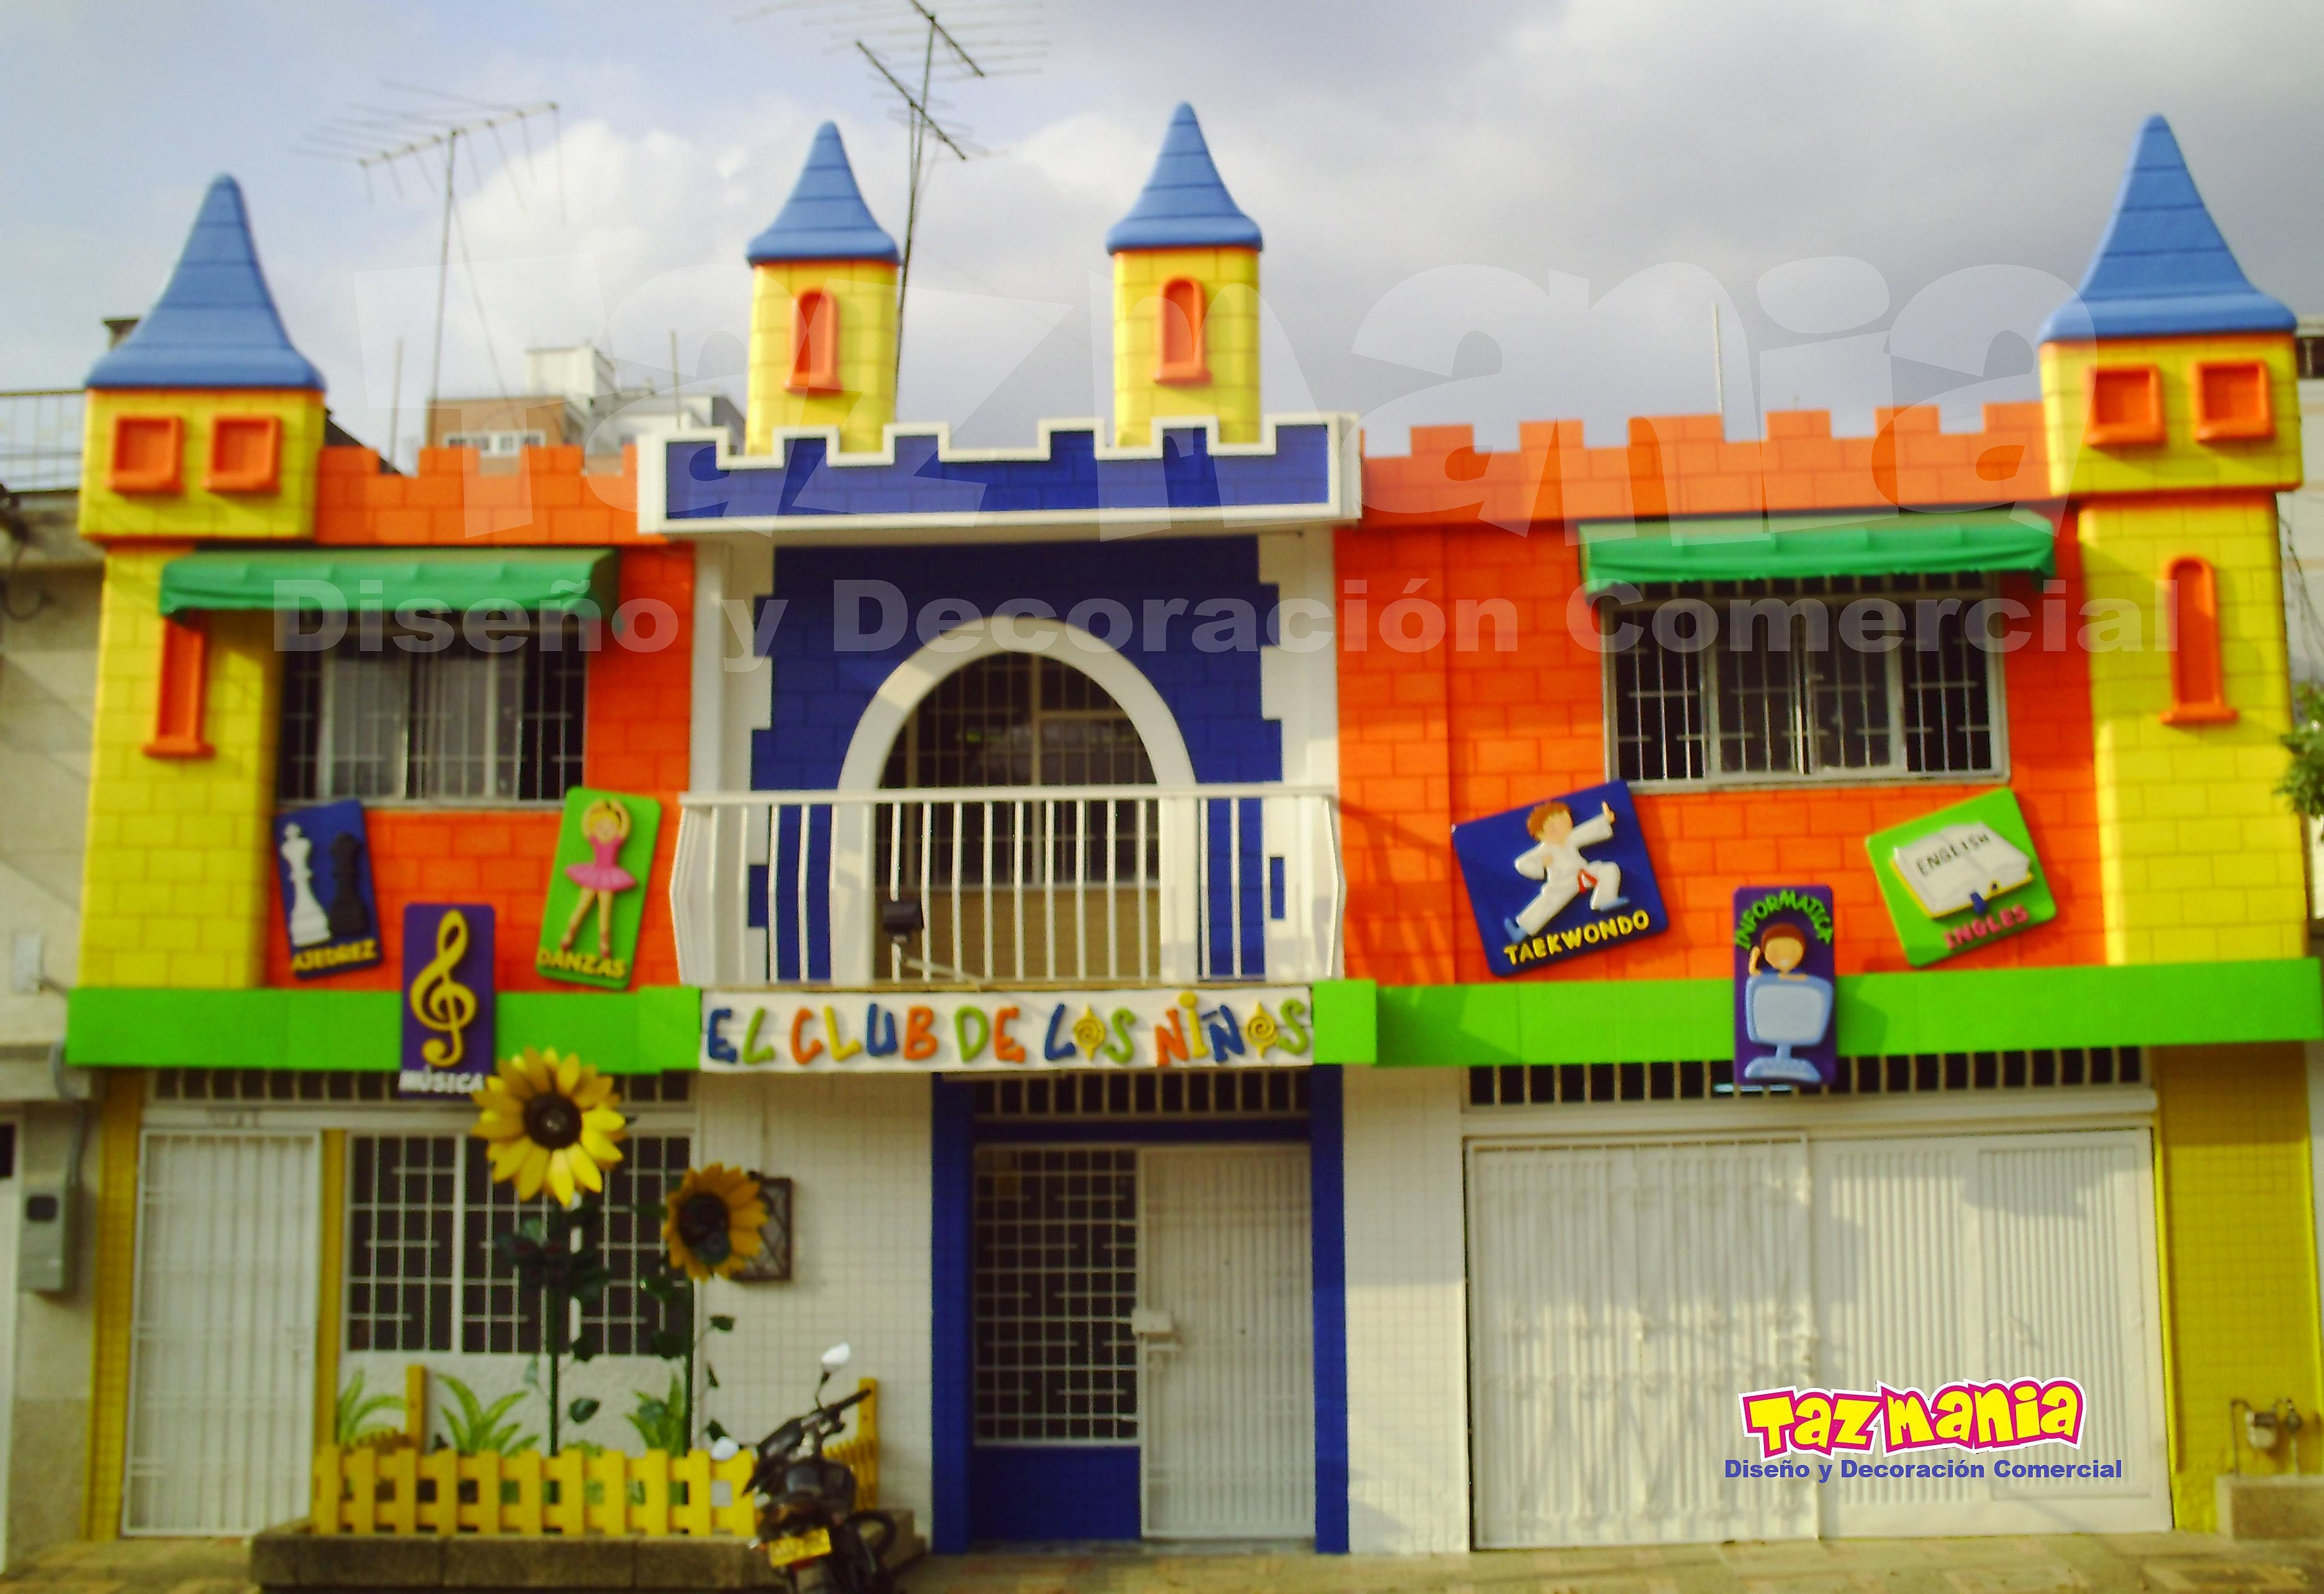 Tazmania dise o y decoraci n comercial decoraci n en icopor jardin clubdelosni os 3 jpg for Juegos para jardin nios